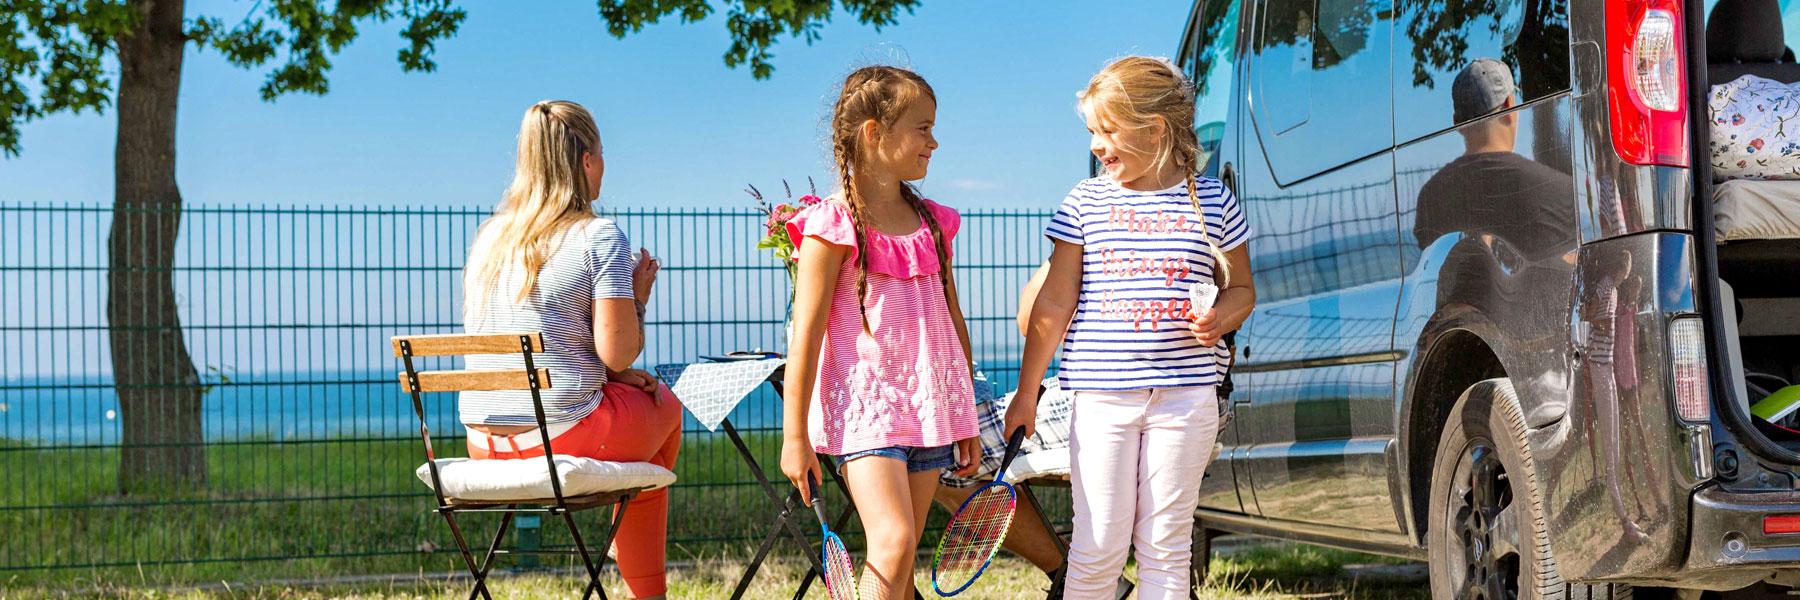 spielende Kinder - Ostseecamping Ferienpark Zierow KG